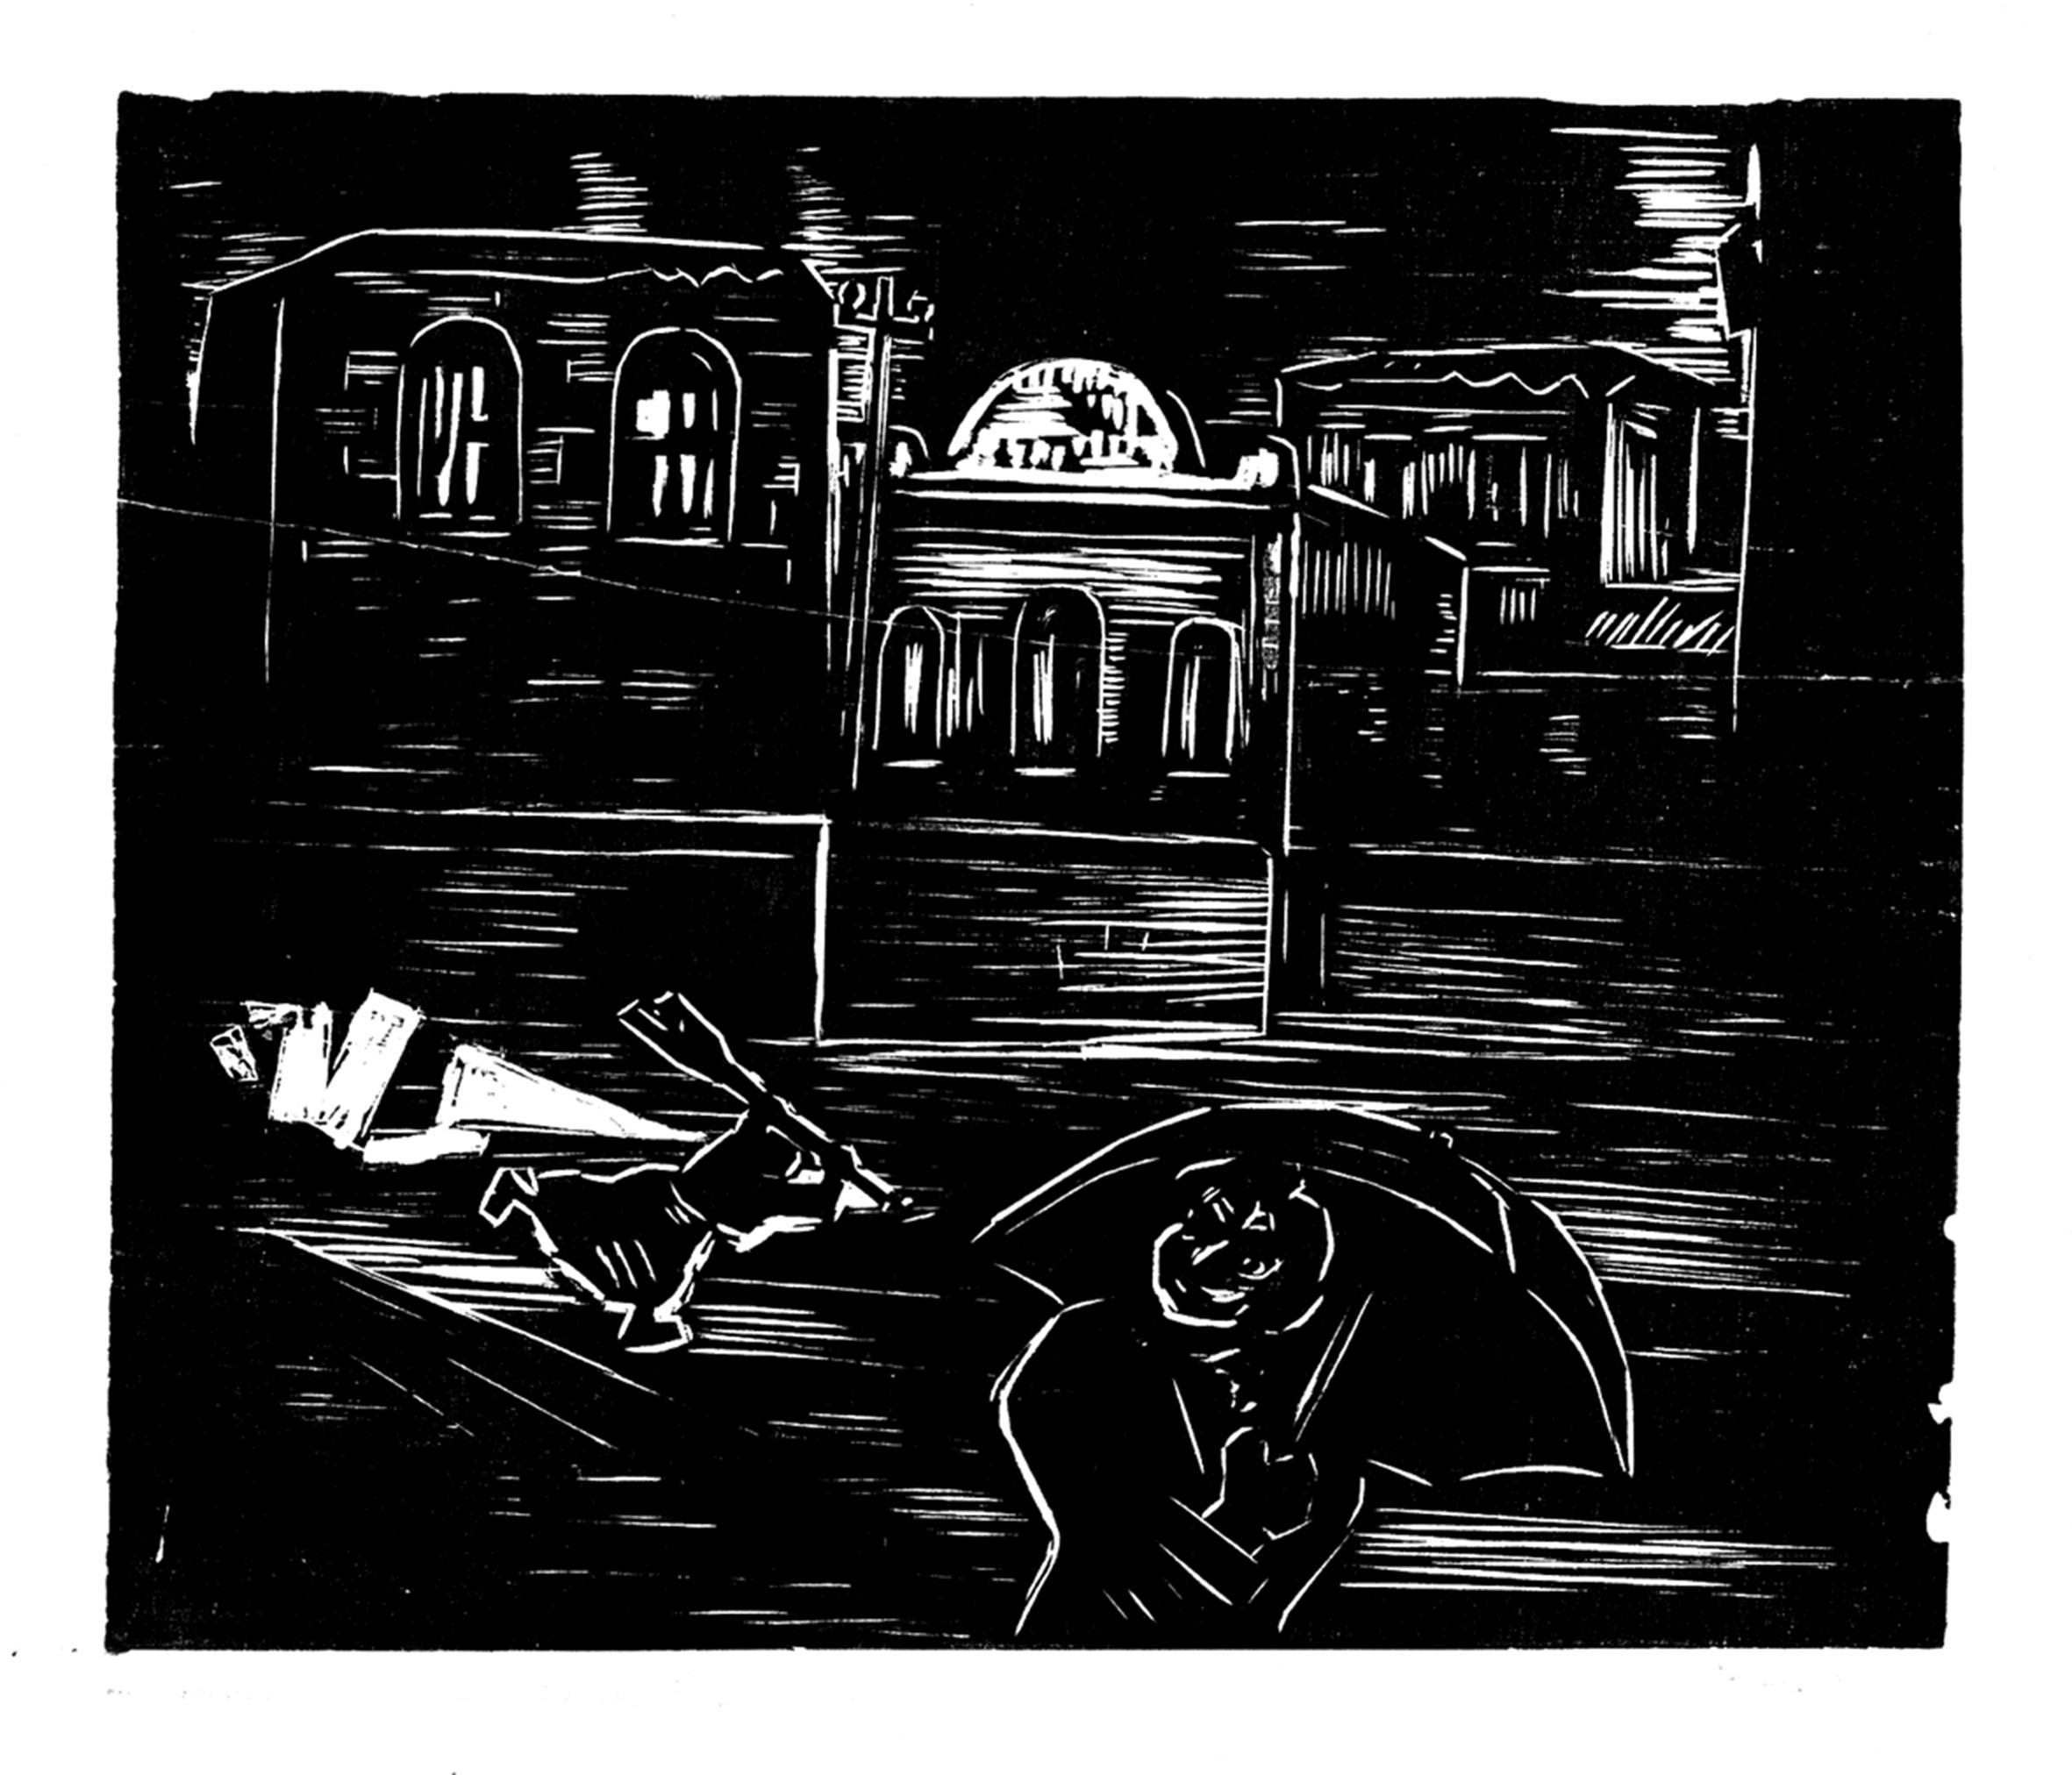 """Xilogravura """"A loucura varre as ruas"""", por Oswaldo Goeldi / Reprodução Pregnolato & Kusuki Acervo particular"""